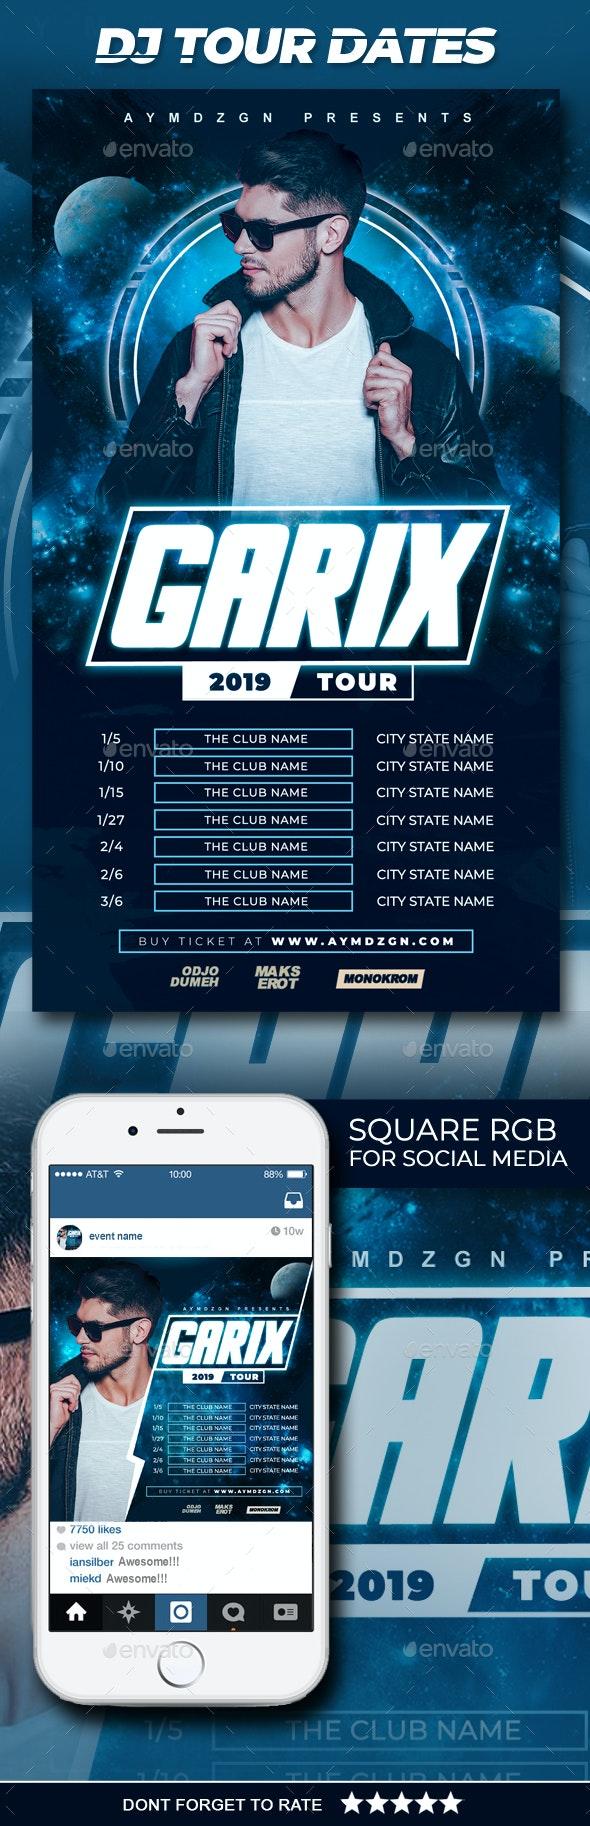 DJ Tour Dates Flyer - Clubs & Parties Events